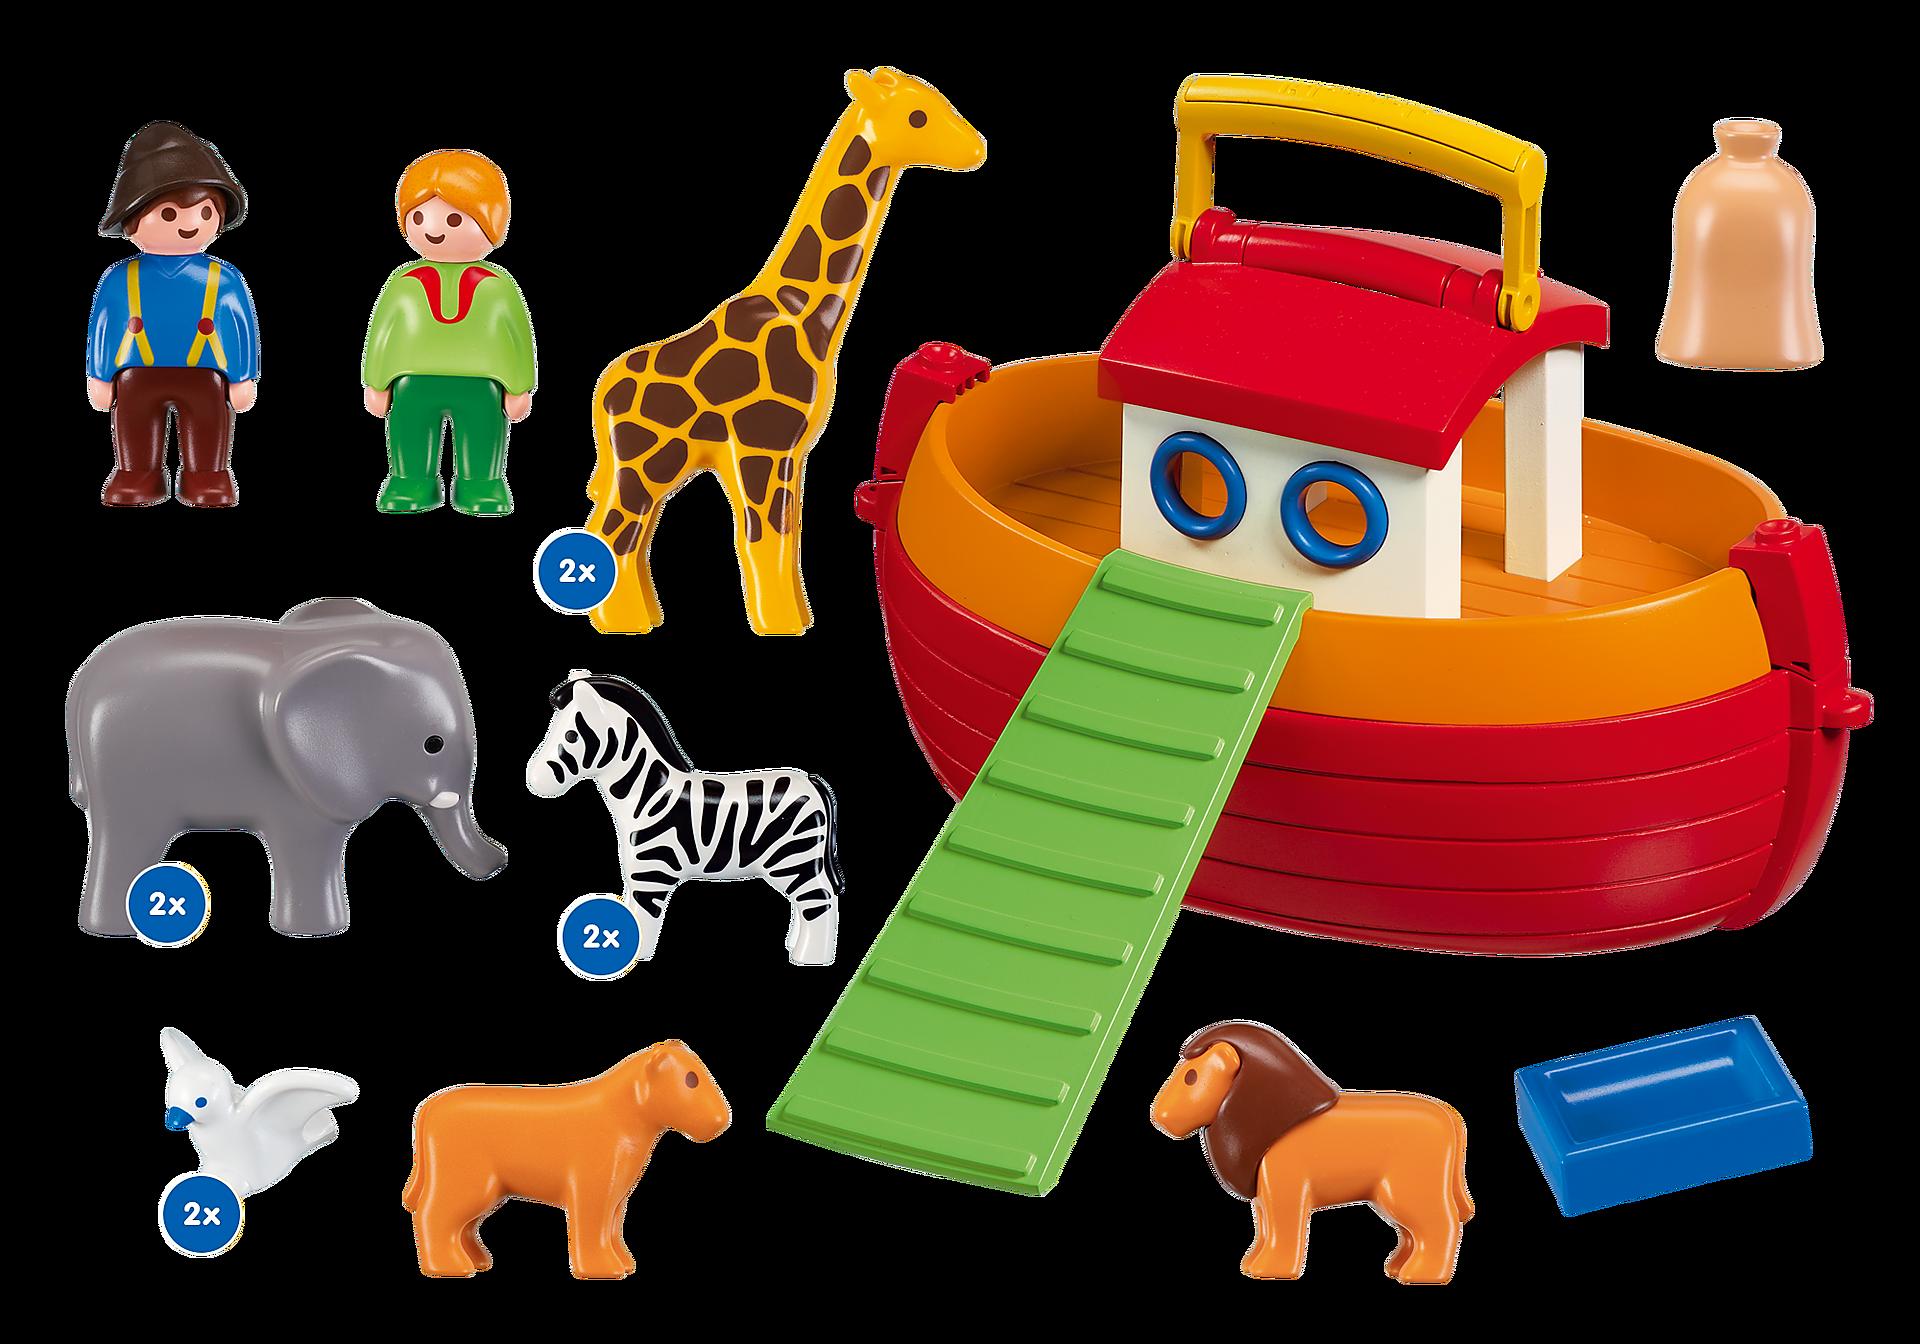 http://media.playmobil.com/i/playmobil/6765_product_box_back/Moja Arka Noego